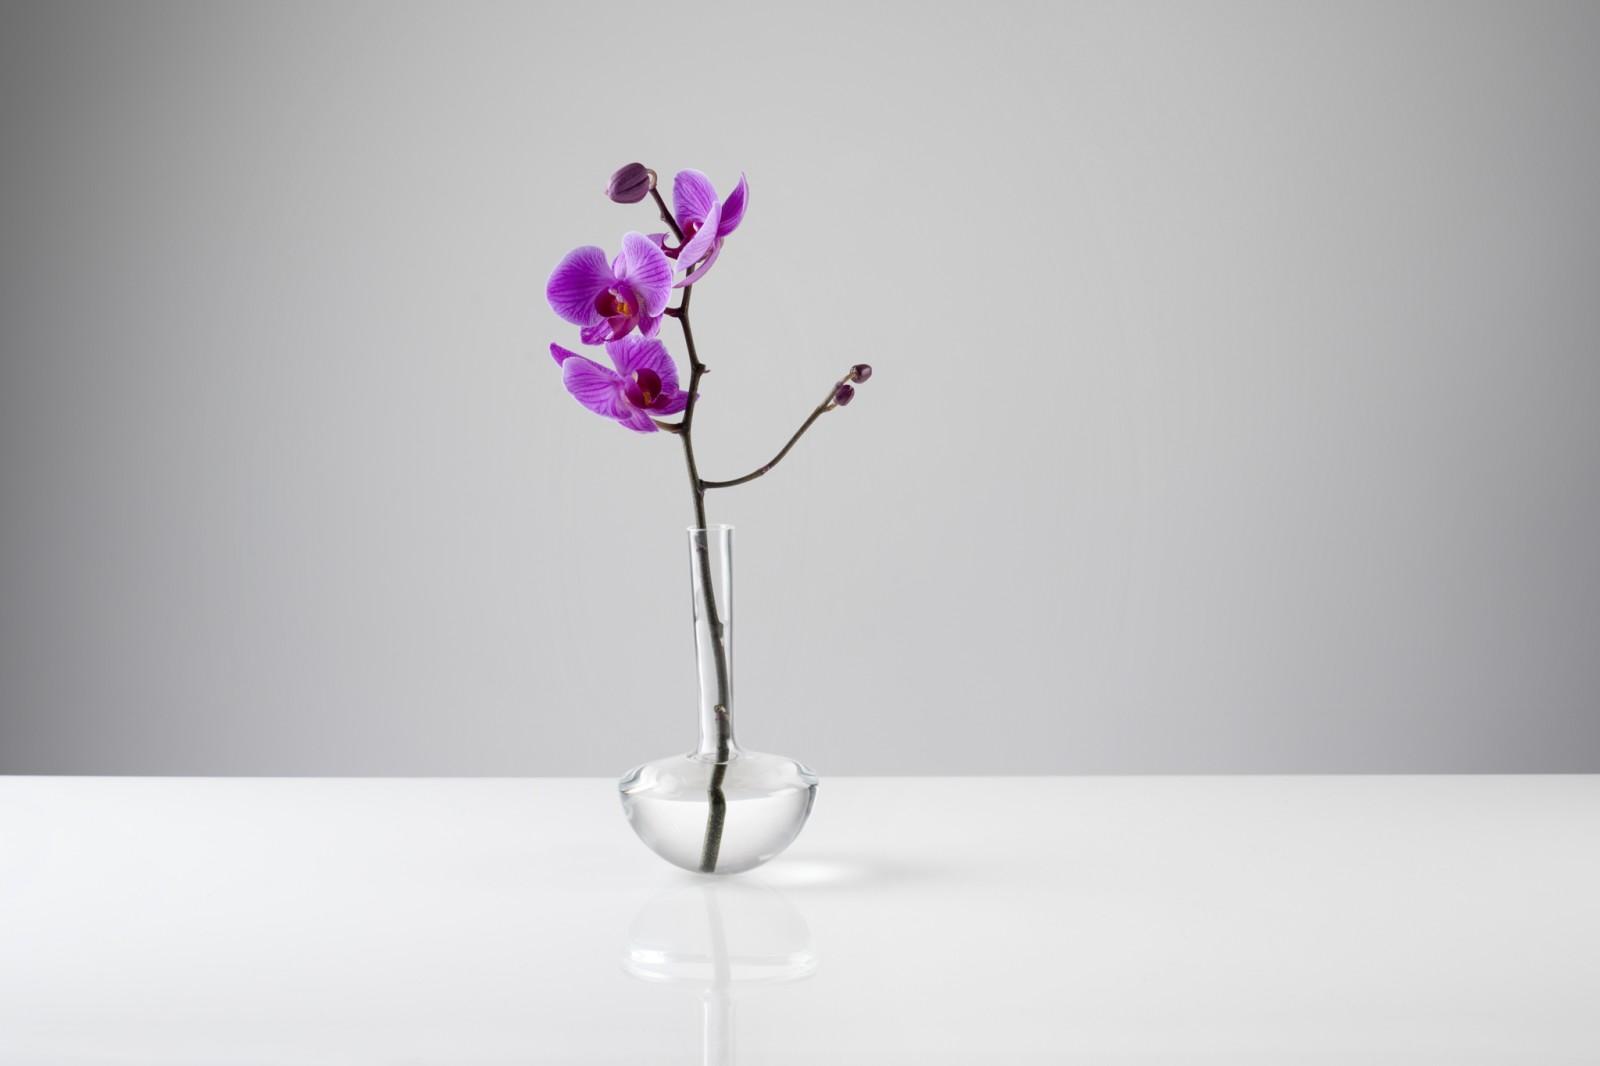 Gauge Vase Single Stem, Clear, 17cm High